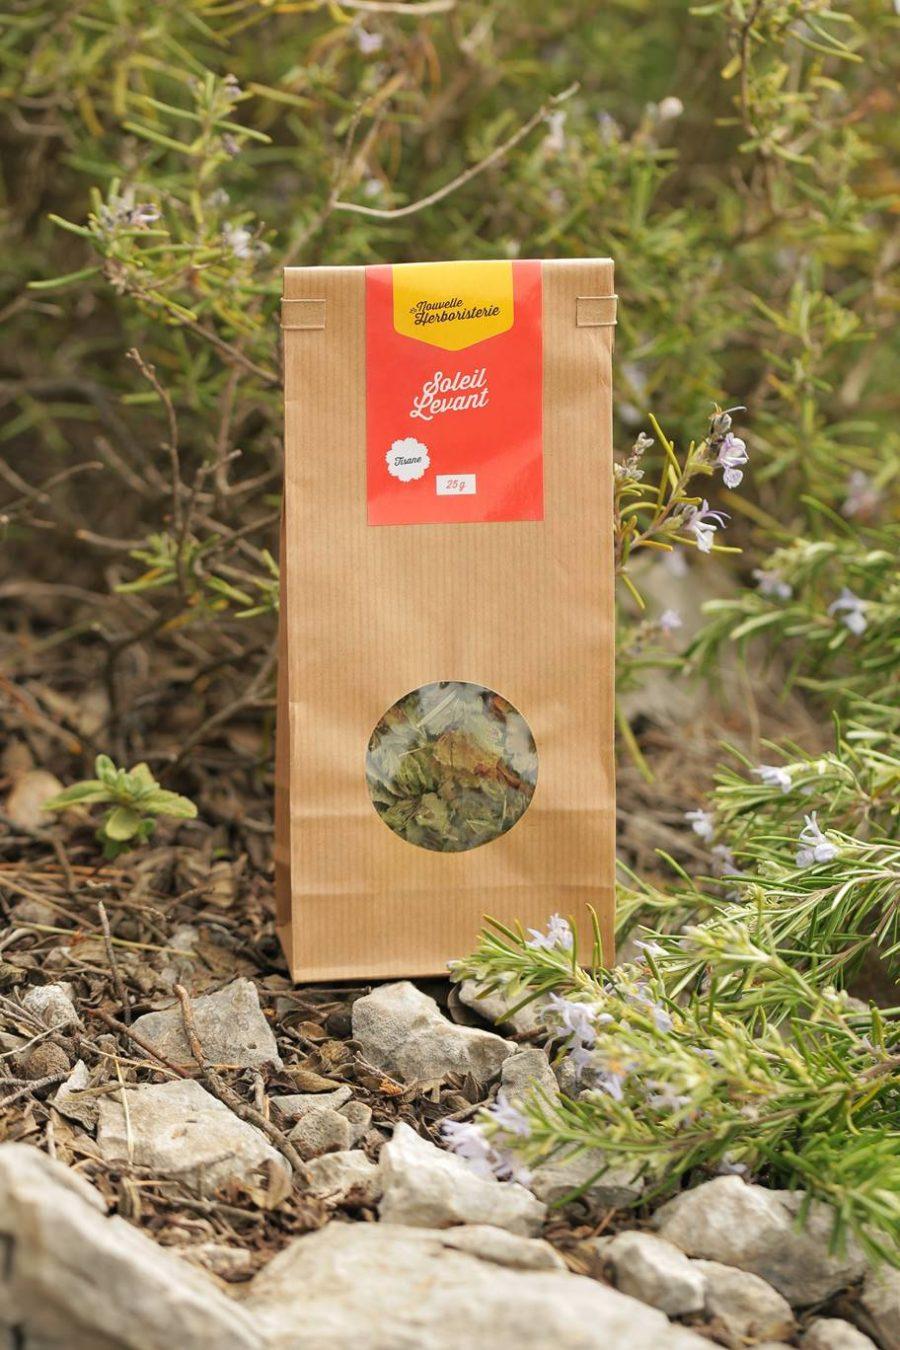 Tisane Soleil Levant - Photo du produit - La Nouvelle Herboristerie